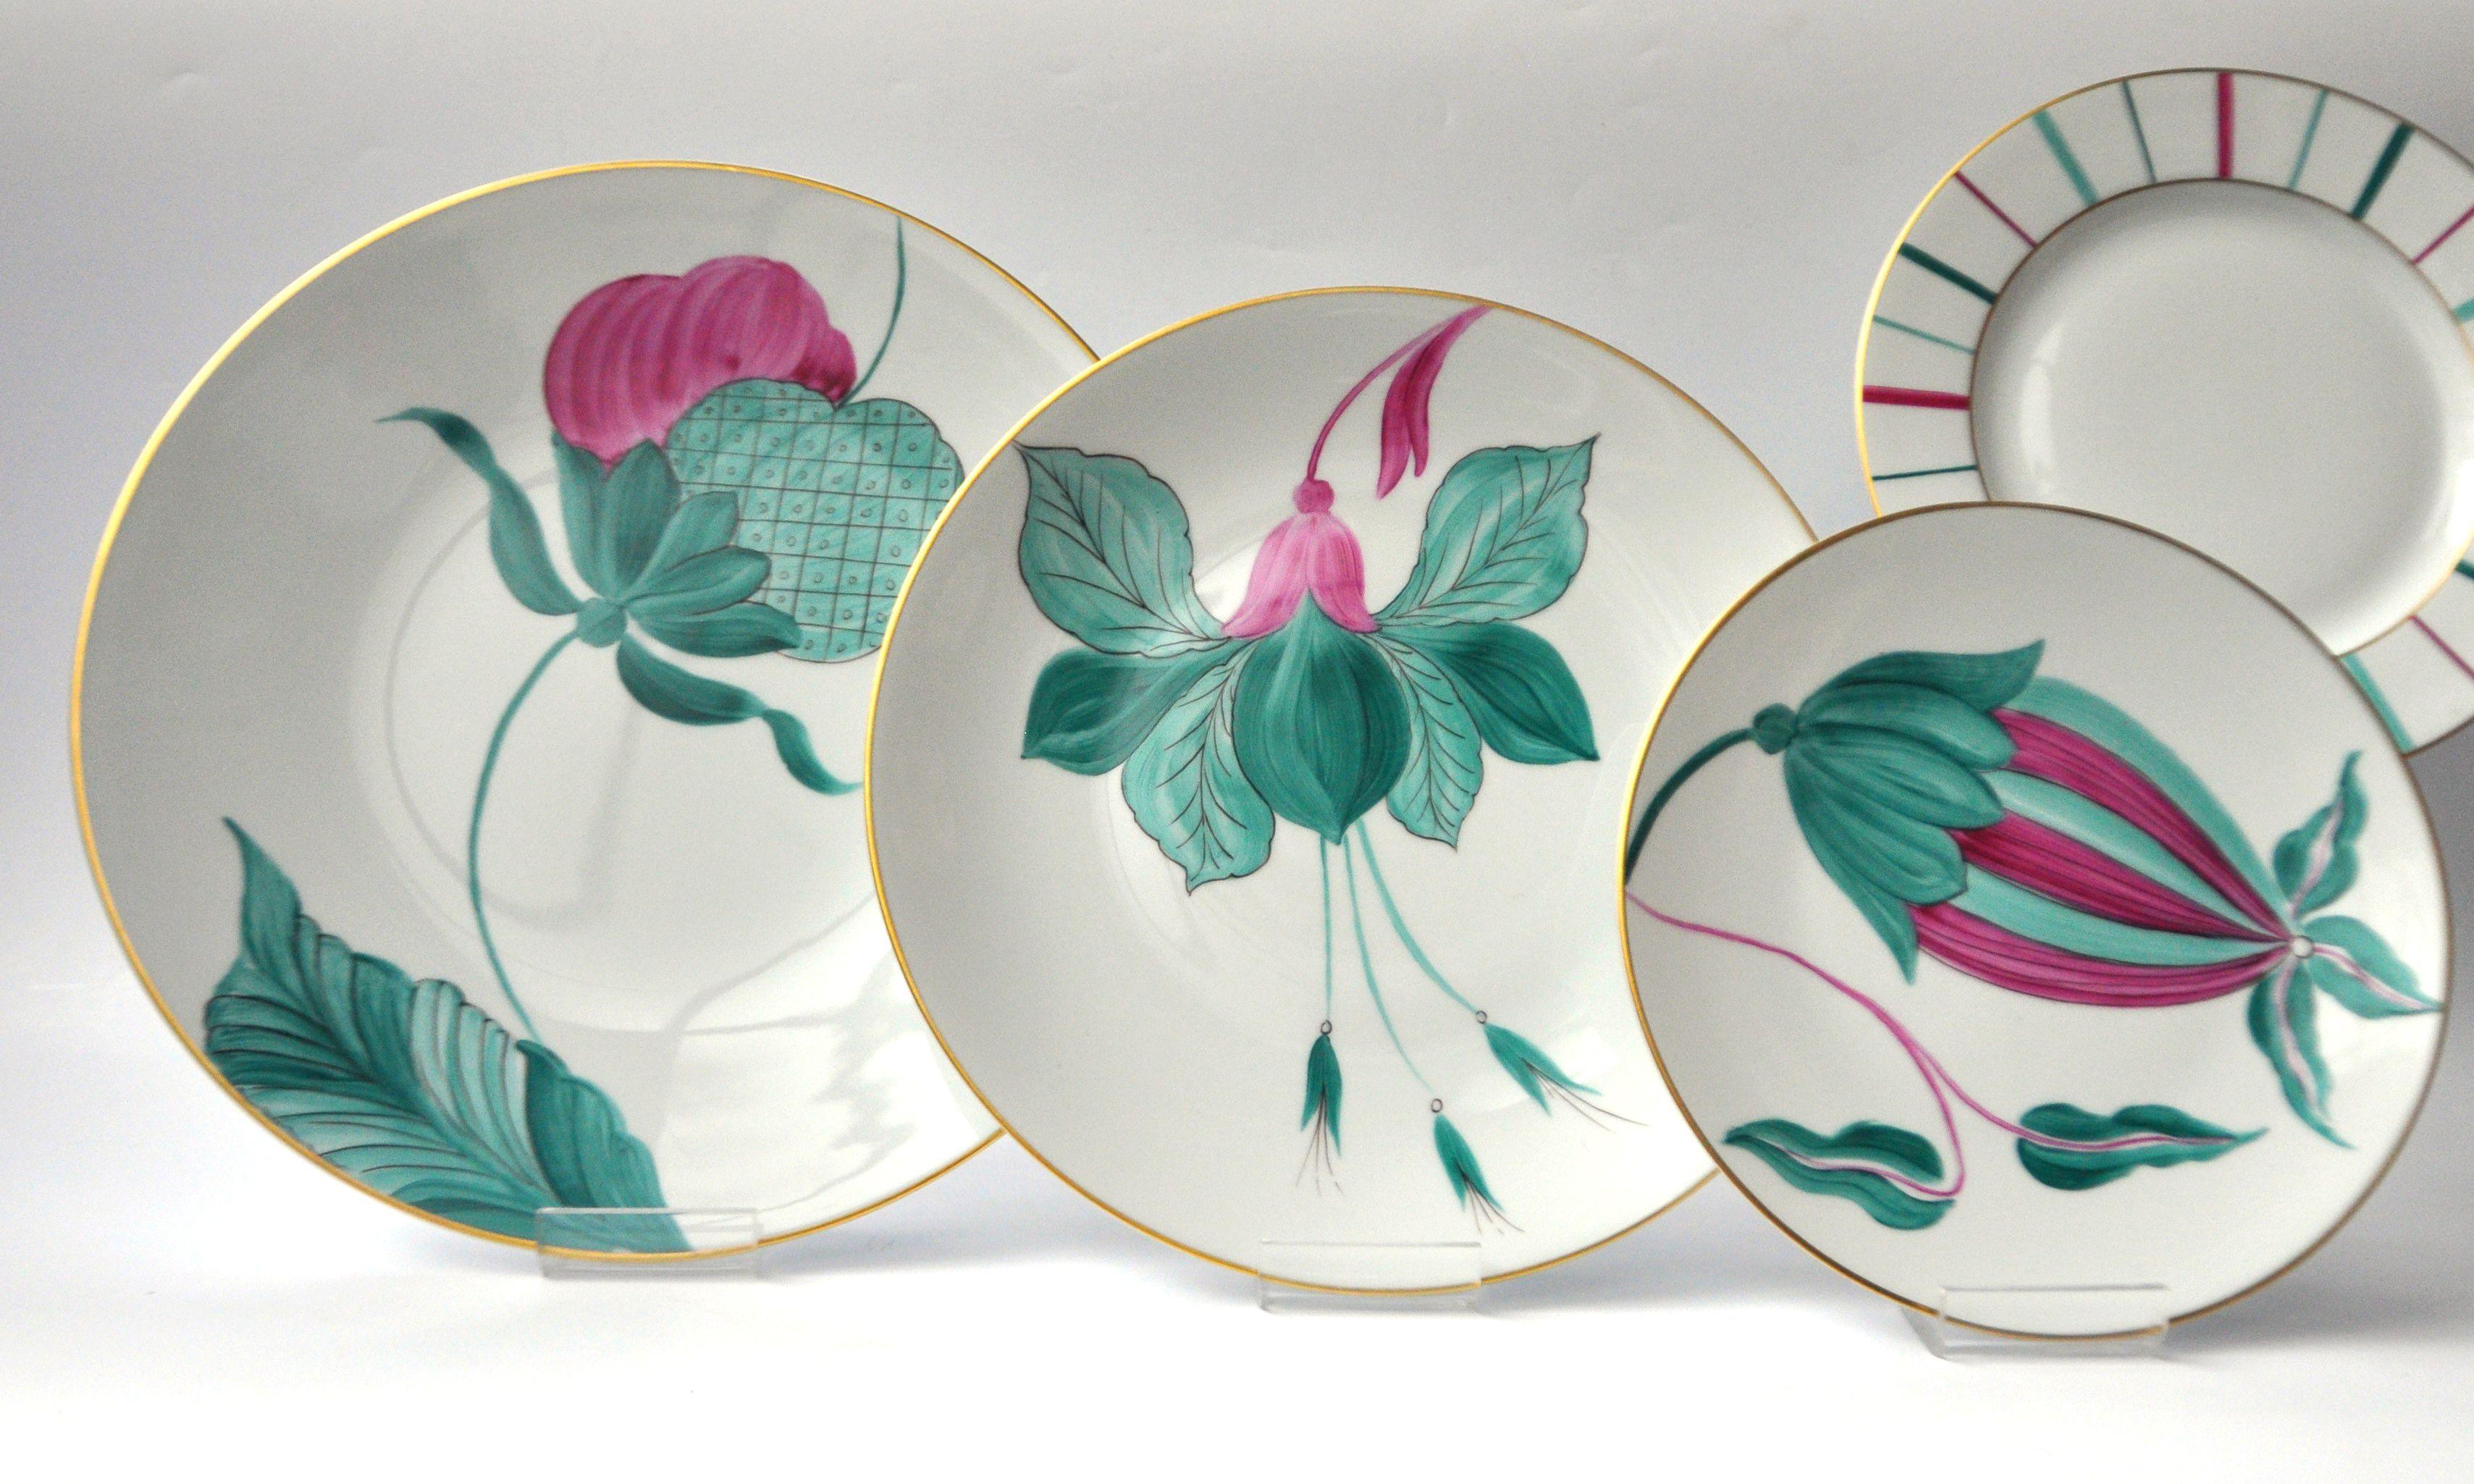 Marie Dâage Porcelaine de Limoges Collections: Jardin d'Udaïpur, Berlingot Fuschia/Vert d'eau/Bleu canard